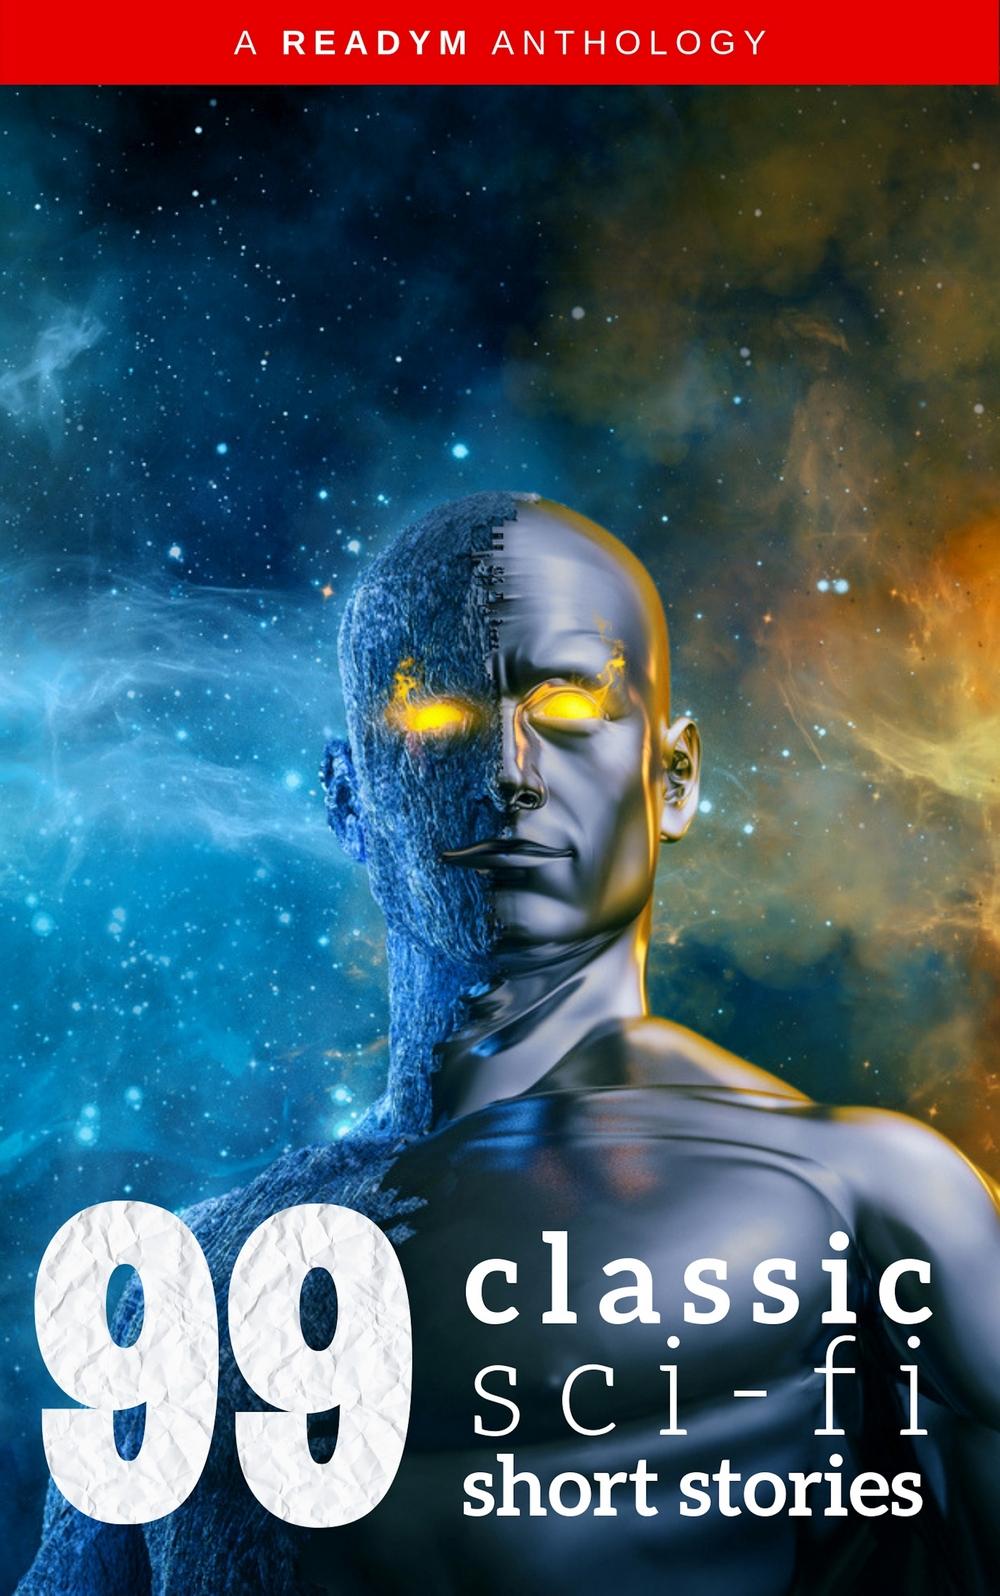 Айзек Азимов 99 Classic Science-Fiction Short Stories айзек азимов путеводитель по шекспиру английские пьесы